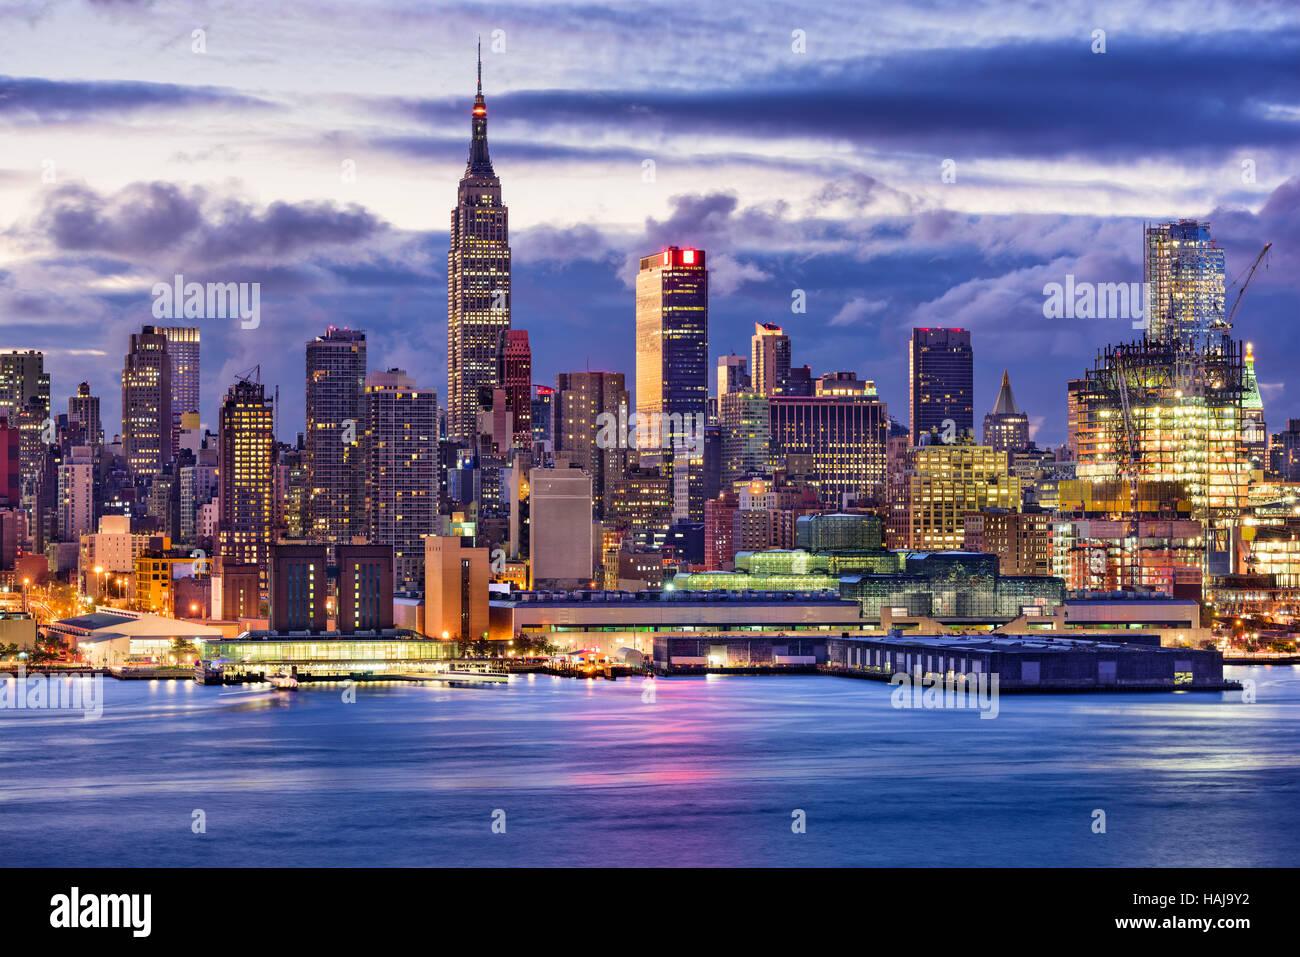 New York City Midtown skyline di Manhattan attraverso il fiume Hudson. Immagini Stock